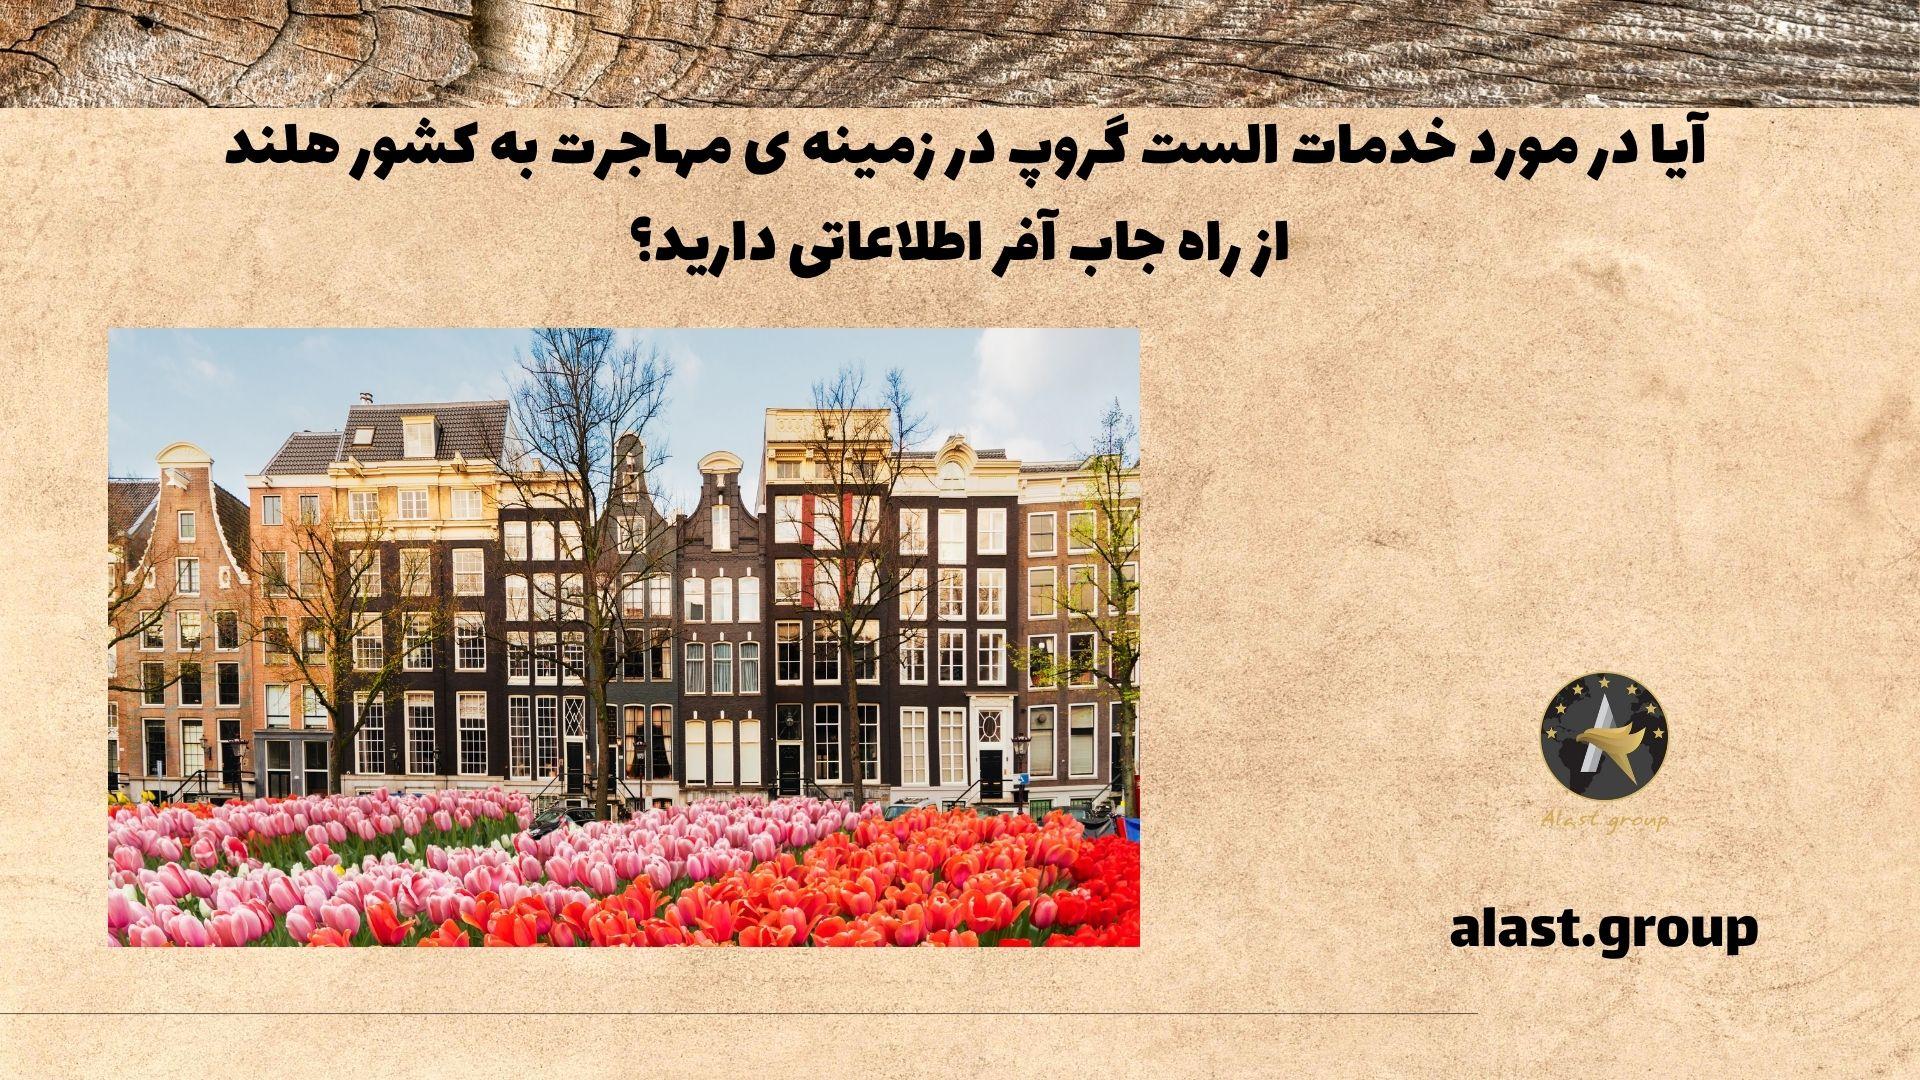 آیا در مورد خدمات الست گروپ در زمینه ی مهاجرت به کشور هلند از راه جاب آفر اطلاعاتی دارید؟